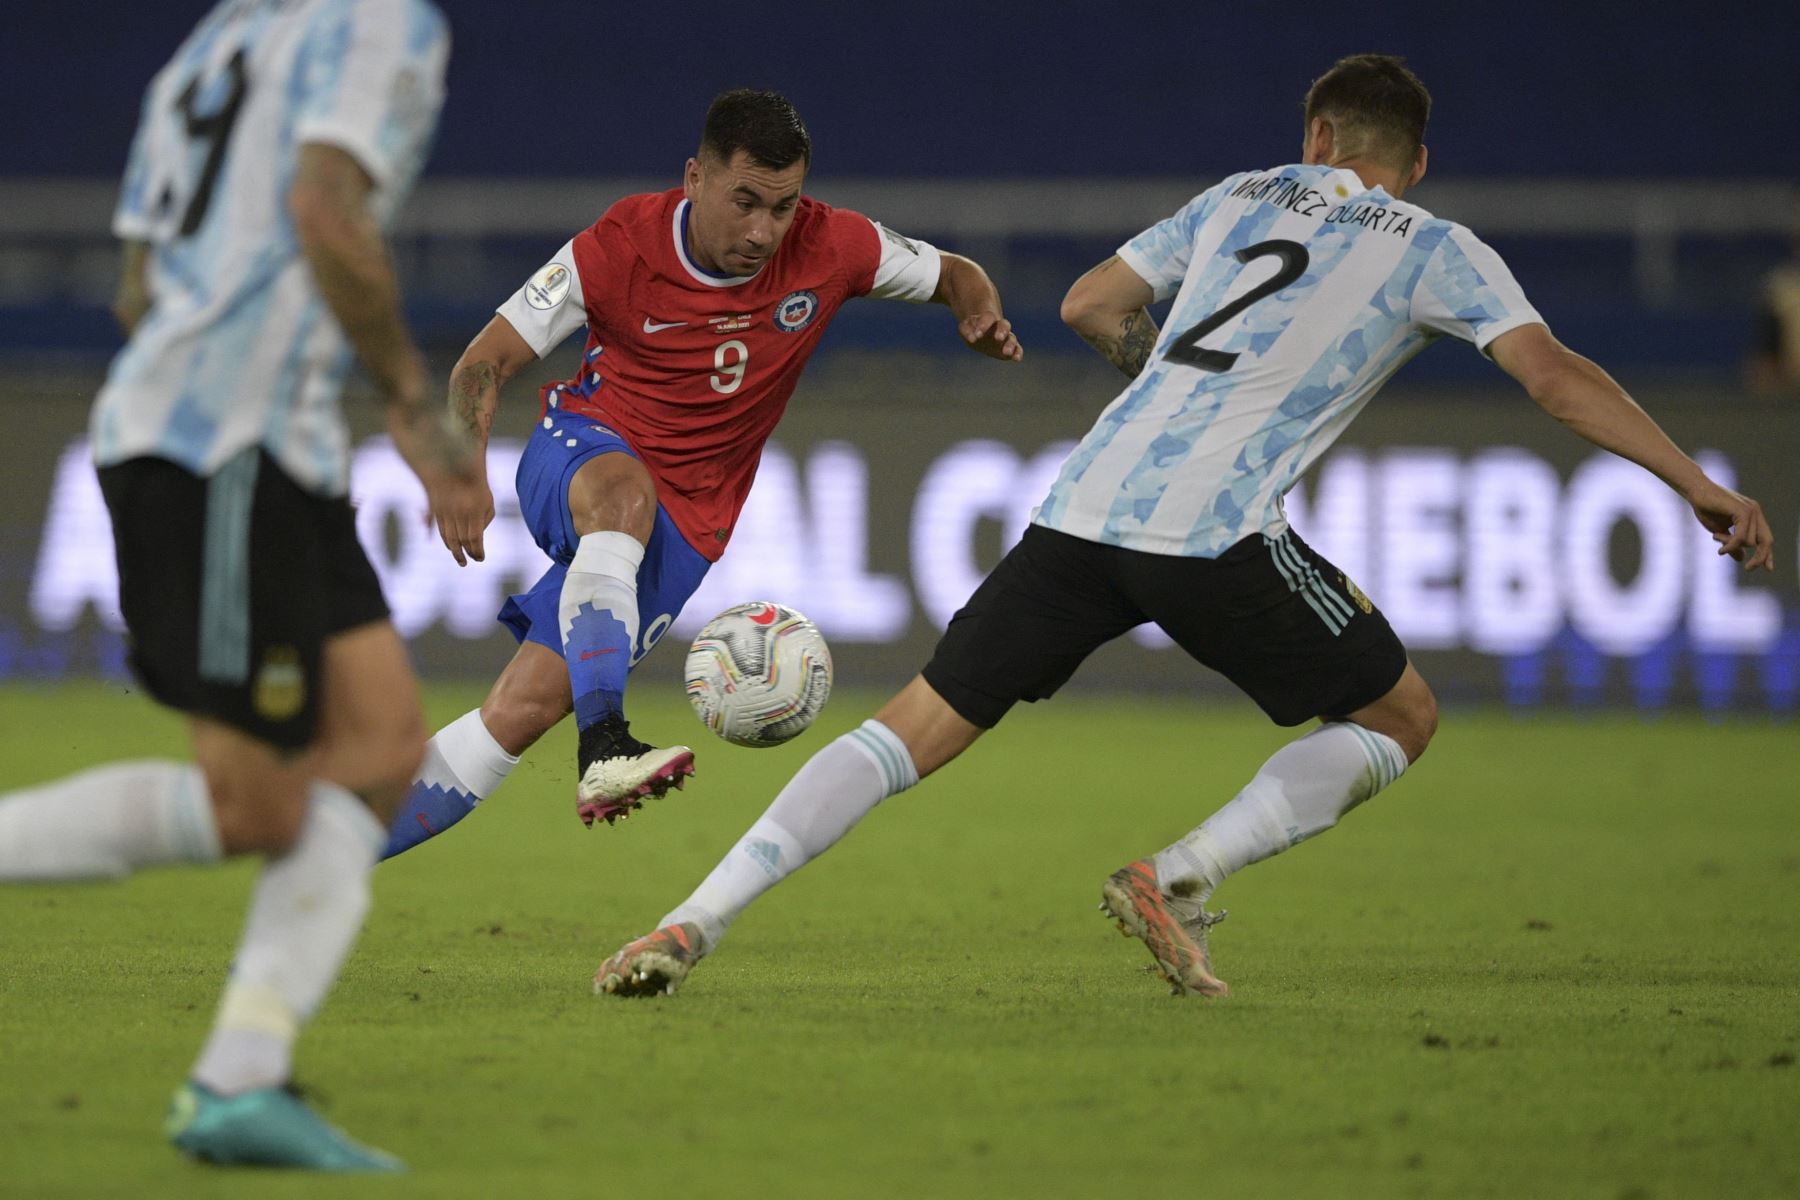 El chileno Jean Meneses lleva el balón mientras el argentino Lucas Martínez Quarta lo marca durante el partido de la fase de grupos del torneo de fútbol Conmebol Copa América 2021 en el Estadio Nilton Santos en Río de Janeiro, Brasil. Foto: AFP